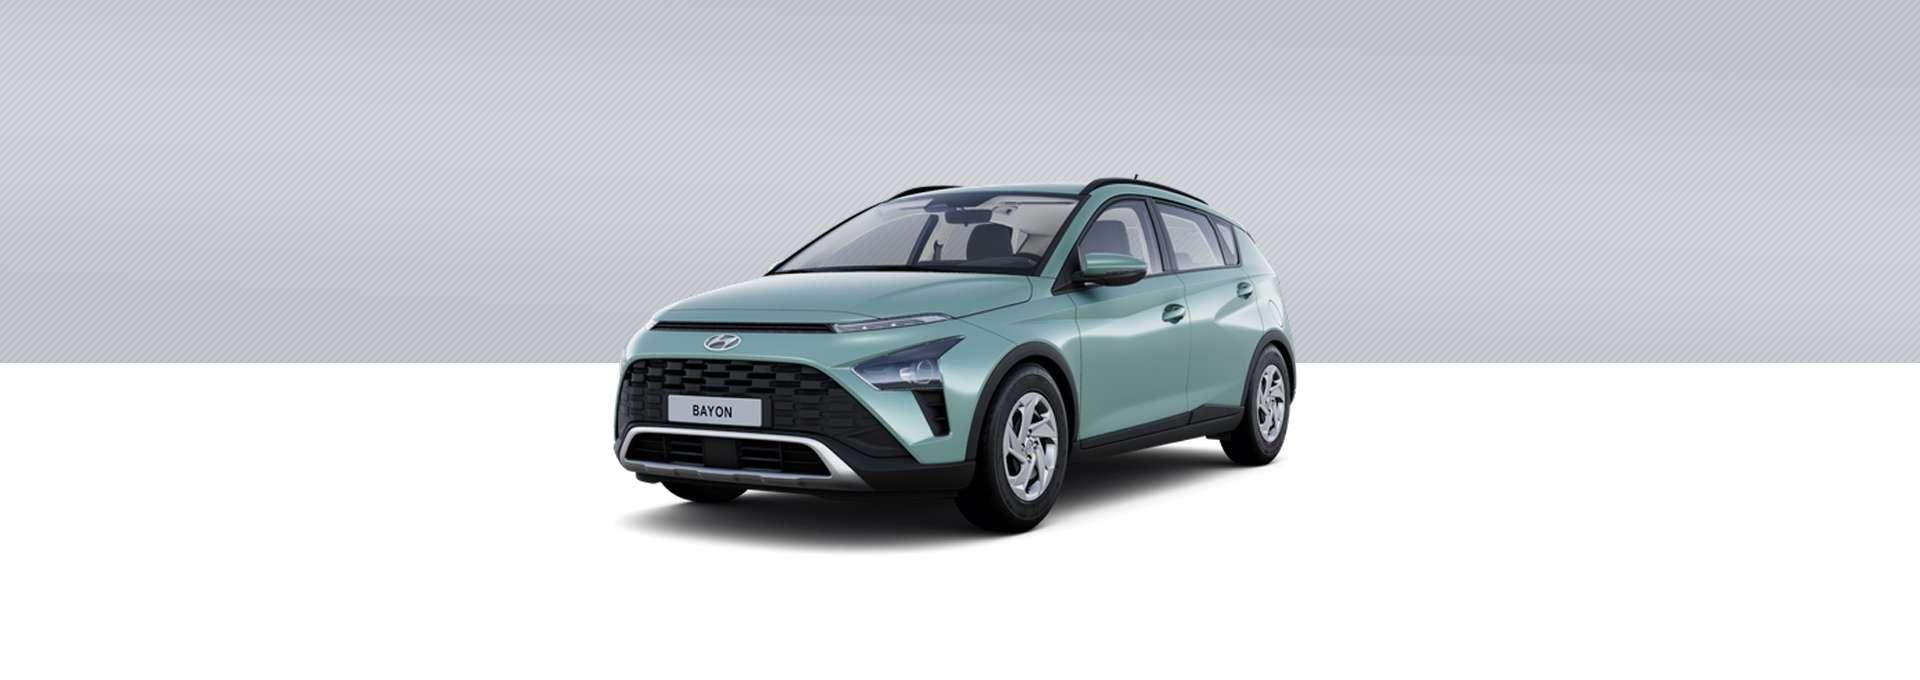 Hyundai Nuevo Bayon